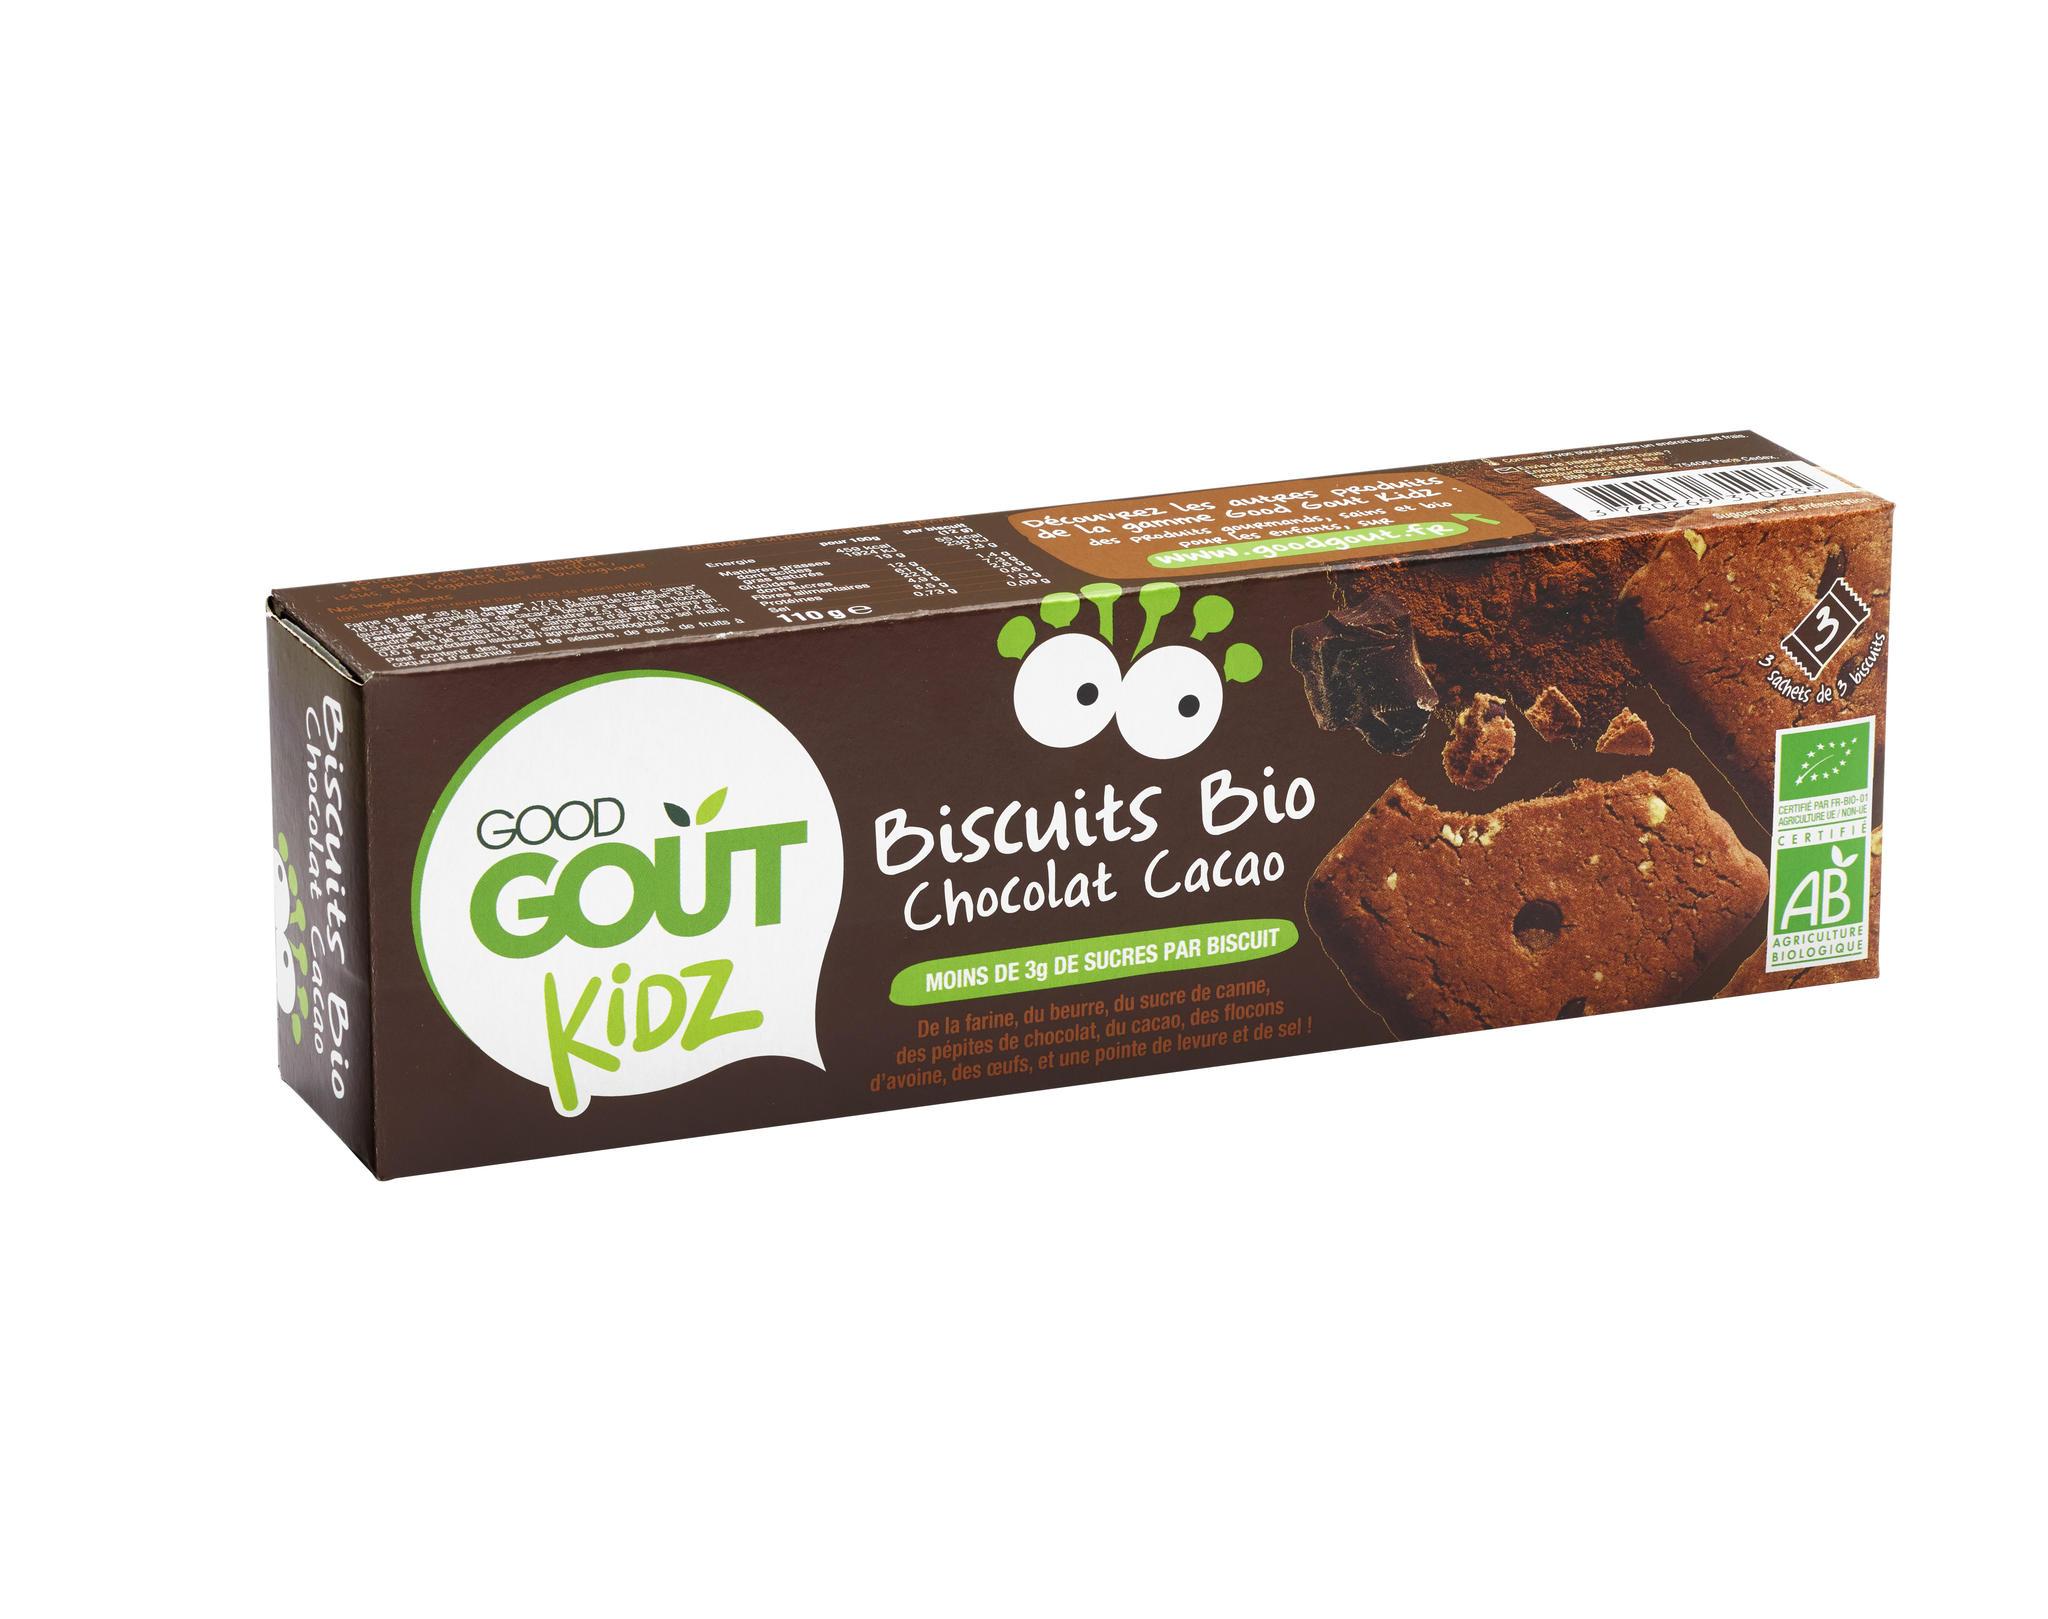 Ökoloogilised teraviljaküpsised kakao ja šokolaaditükkidega. Peale 3. eluaastat. 110g